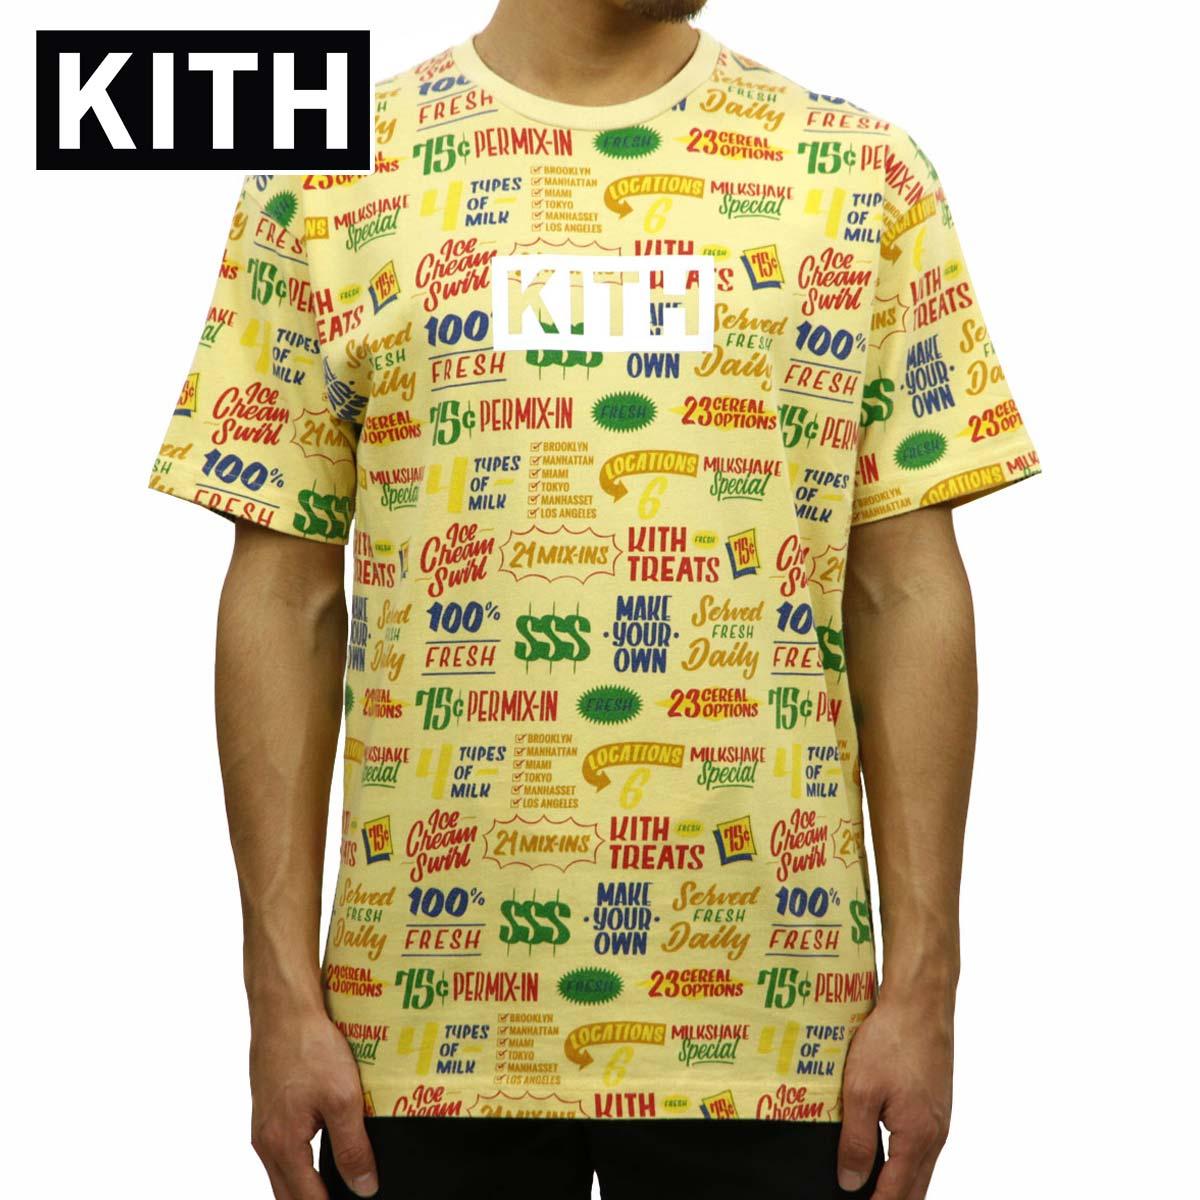 キス KITH 正規品 メンズ クルーネック 半袖Tシャツ KITH TREATS CIRCULAR TEE KH3371-112 YELLOW